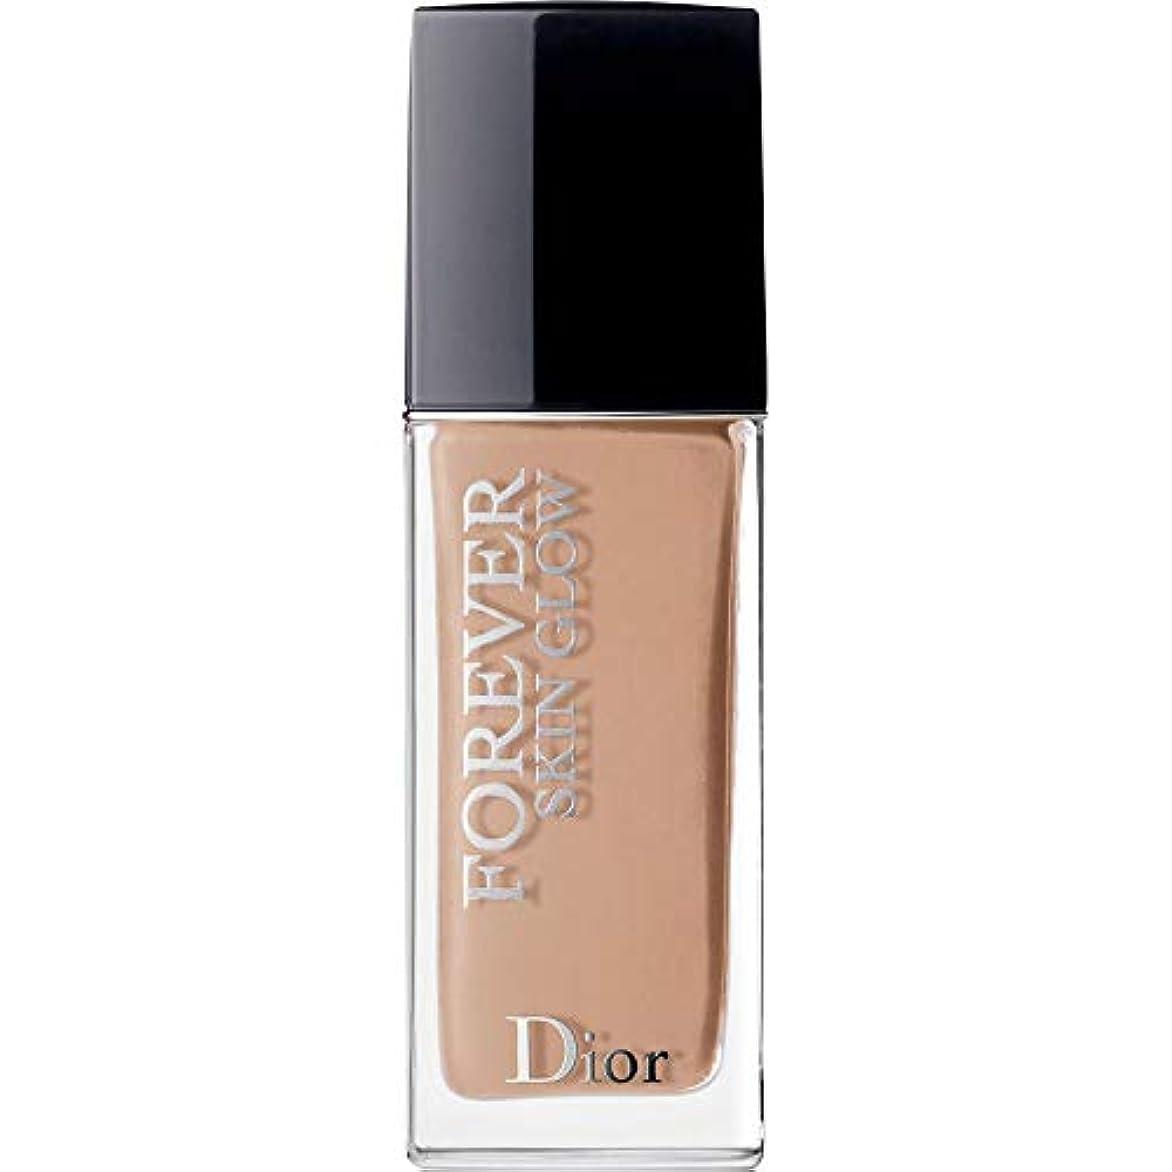 口頭期待して困惑[Dior ] ディオール永遠に皮膚グロー皮膚思いやりの基礎Spf35 30ミリリットル4Cを - クール(肌の輝き) - DIOR Forever Skin Glow Skin-Caring Foundation SPF35...